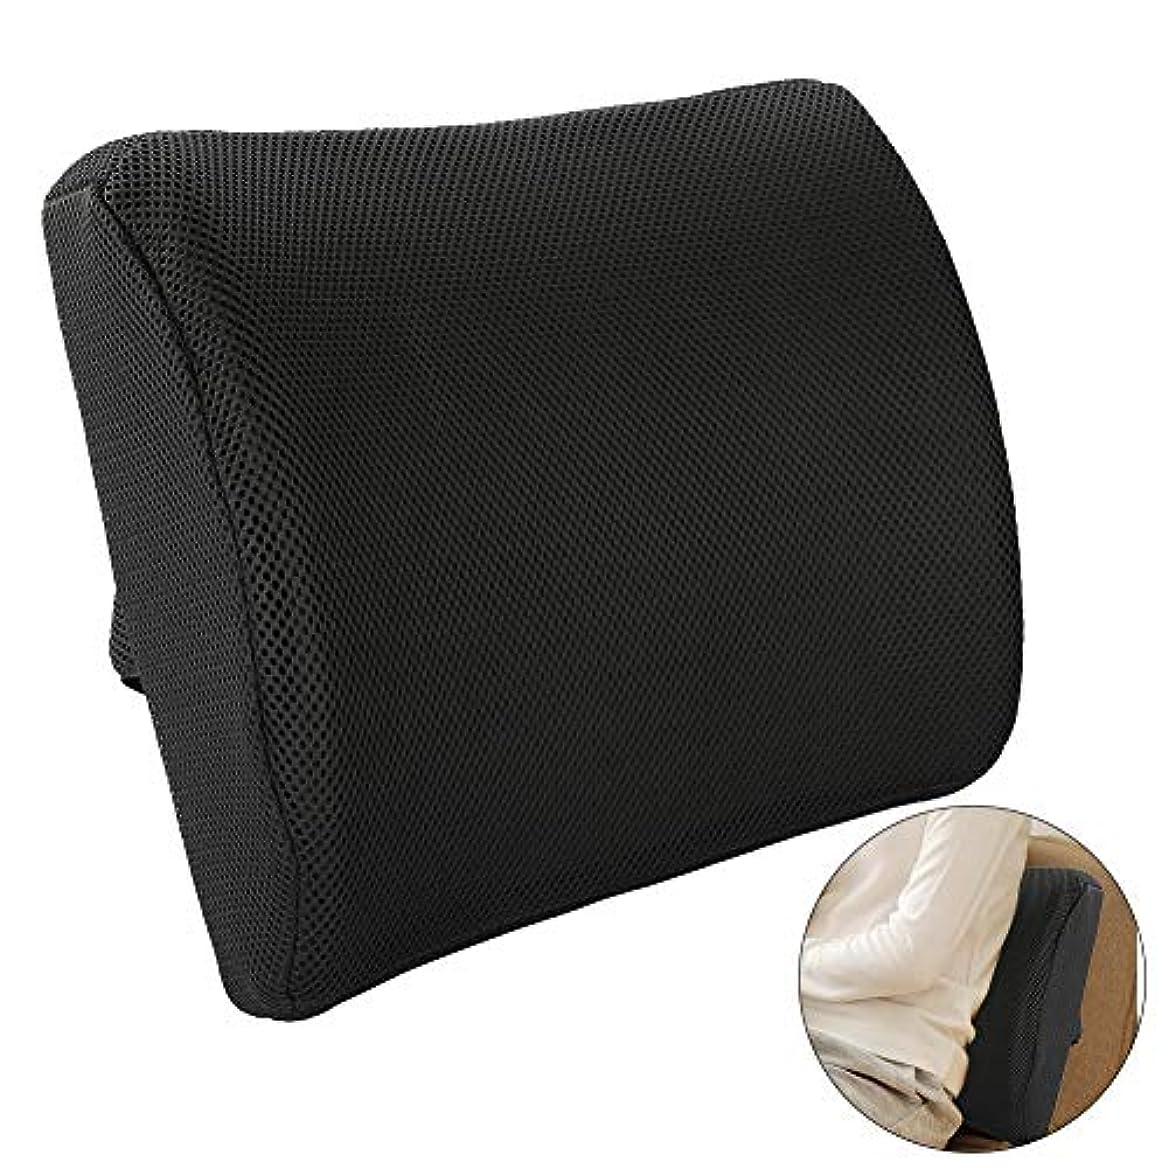 指ずるい気を散らすSemme腰椎サポートピロー低反発パッド、車、家のための背部残りのクッション、腰痛のための救済への旅行